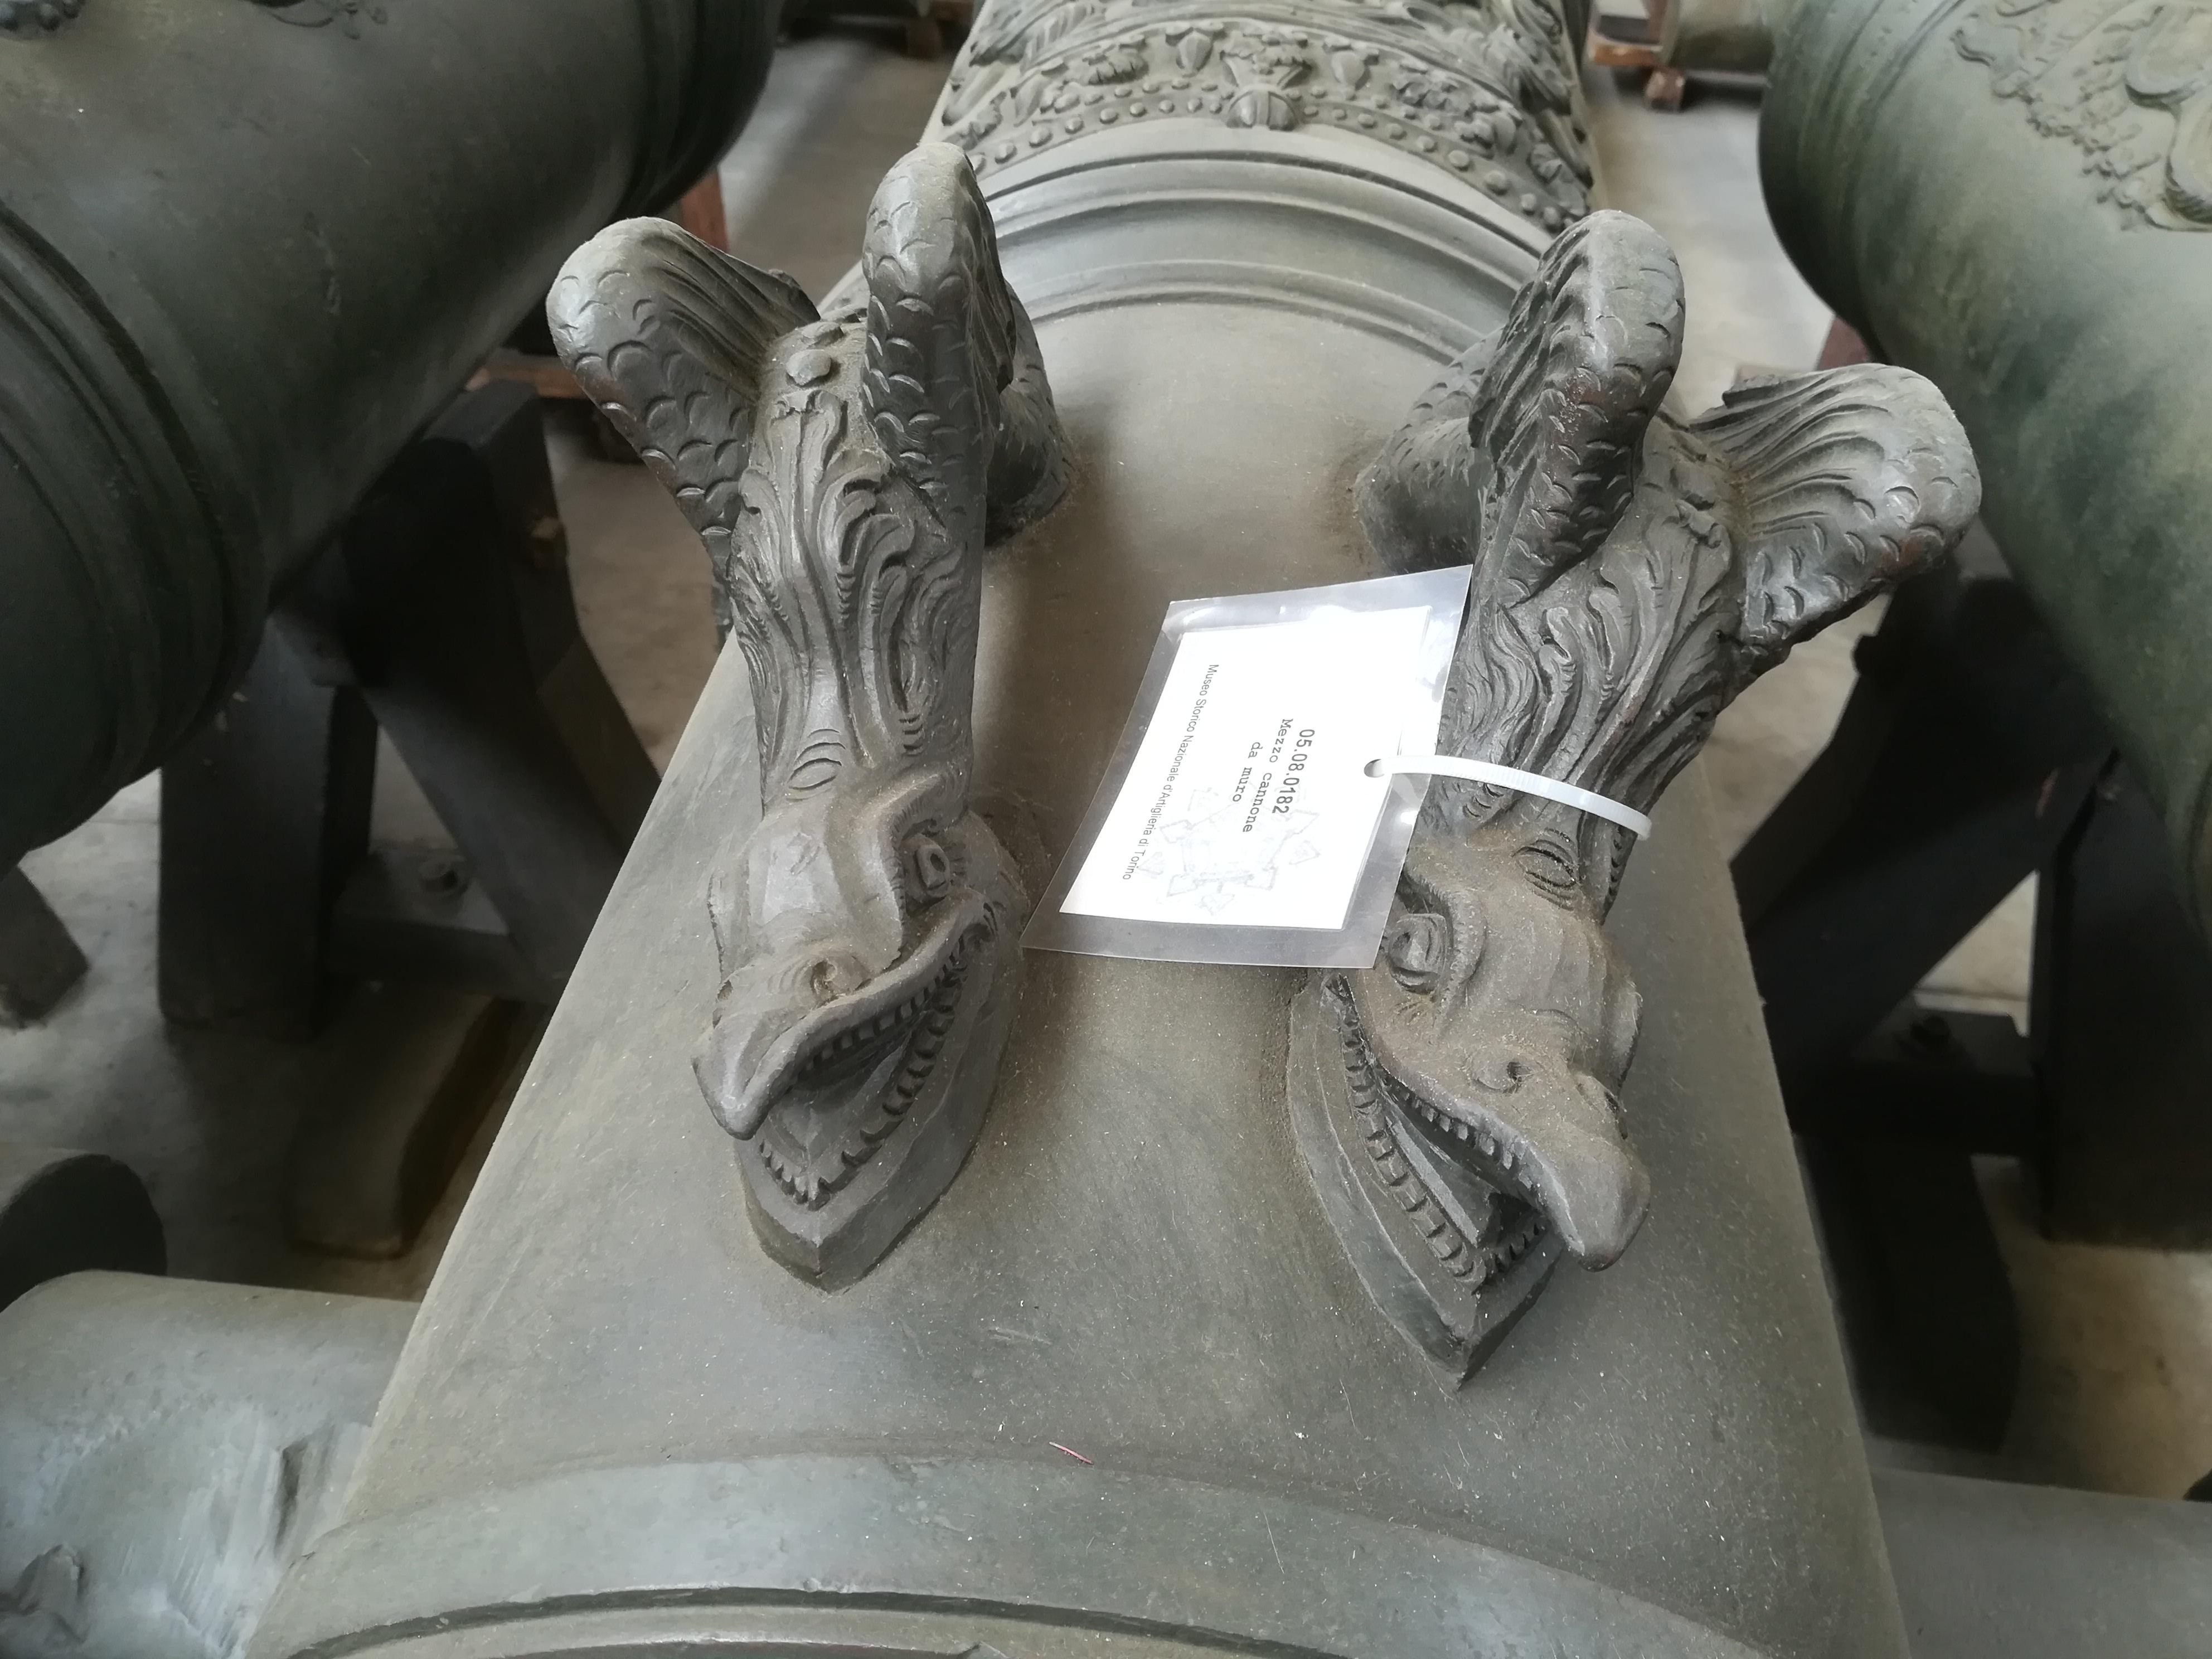 artiglieria storica (cannone LA PANTERA art. napoletana 1745) di D. HIEvs CASTRONOVO R F (attribuito) - Regno di Napoli (prima metà XVIII SEC)